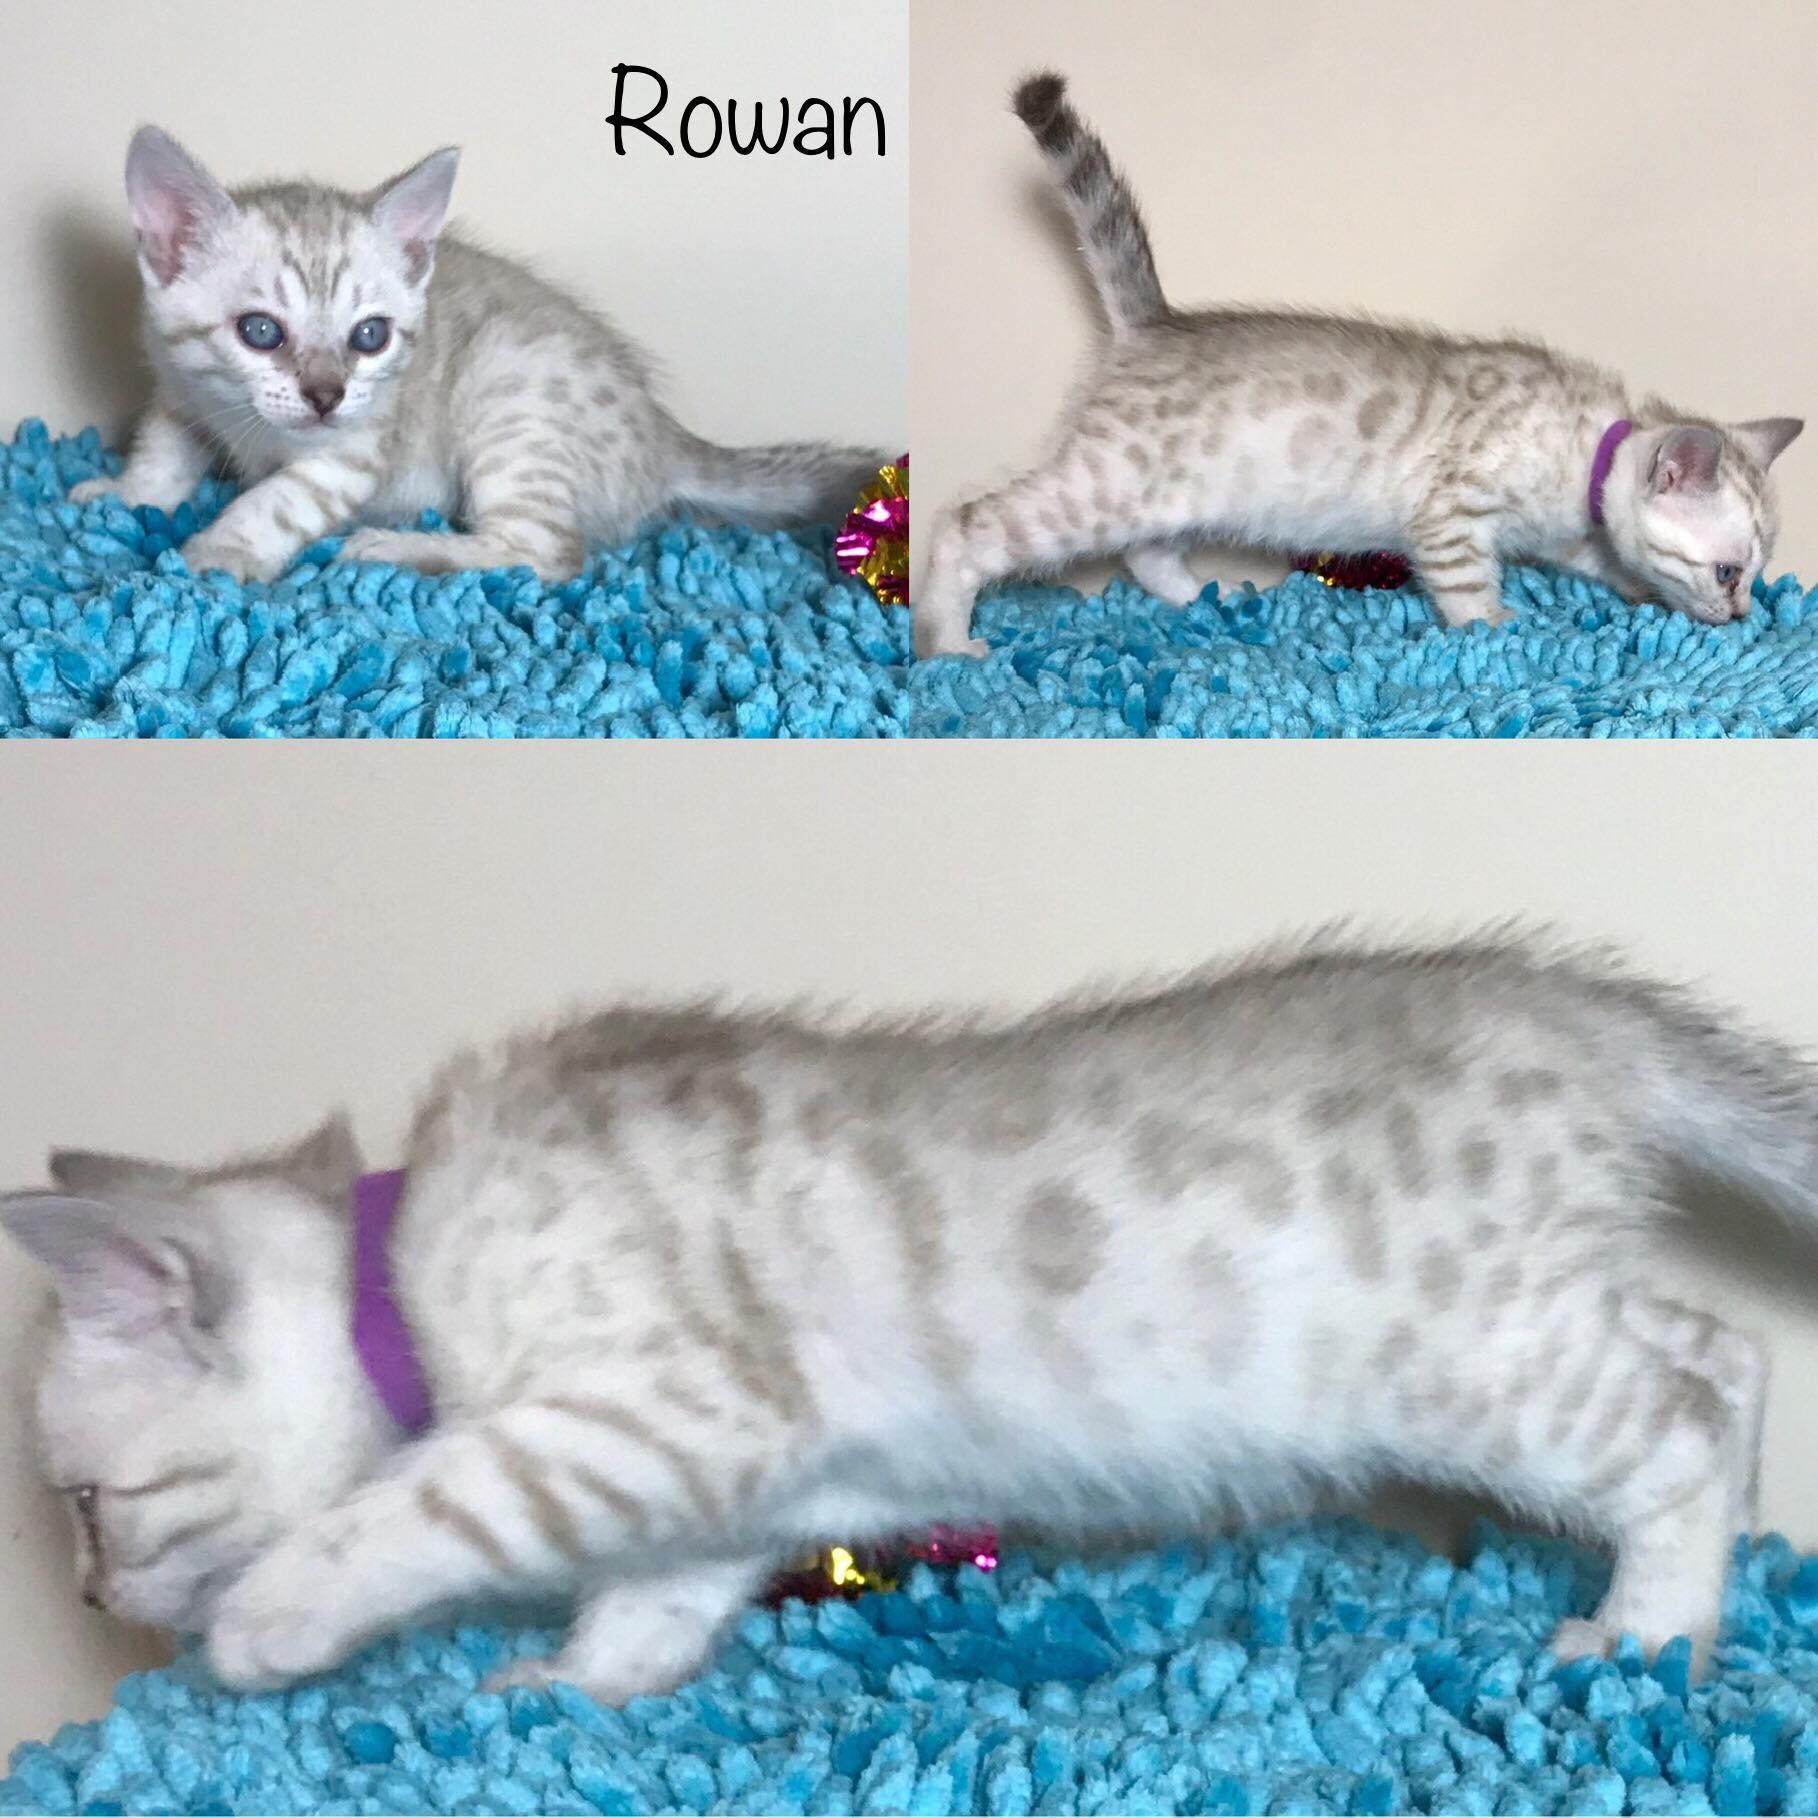 Rowan 5 weeks